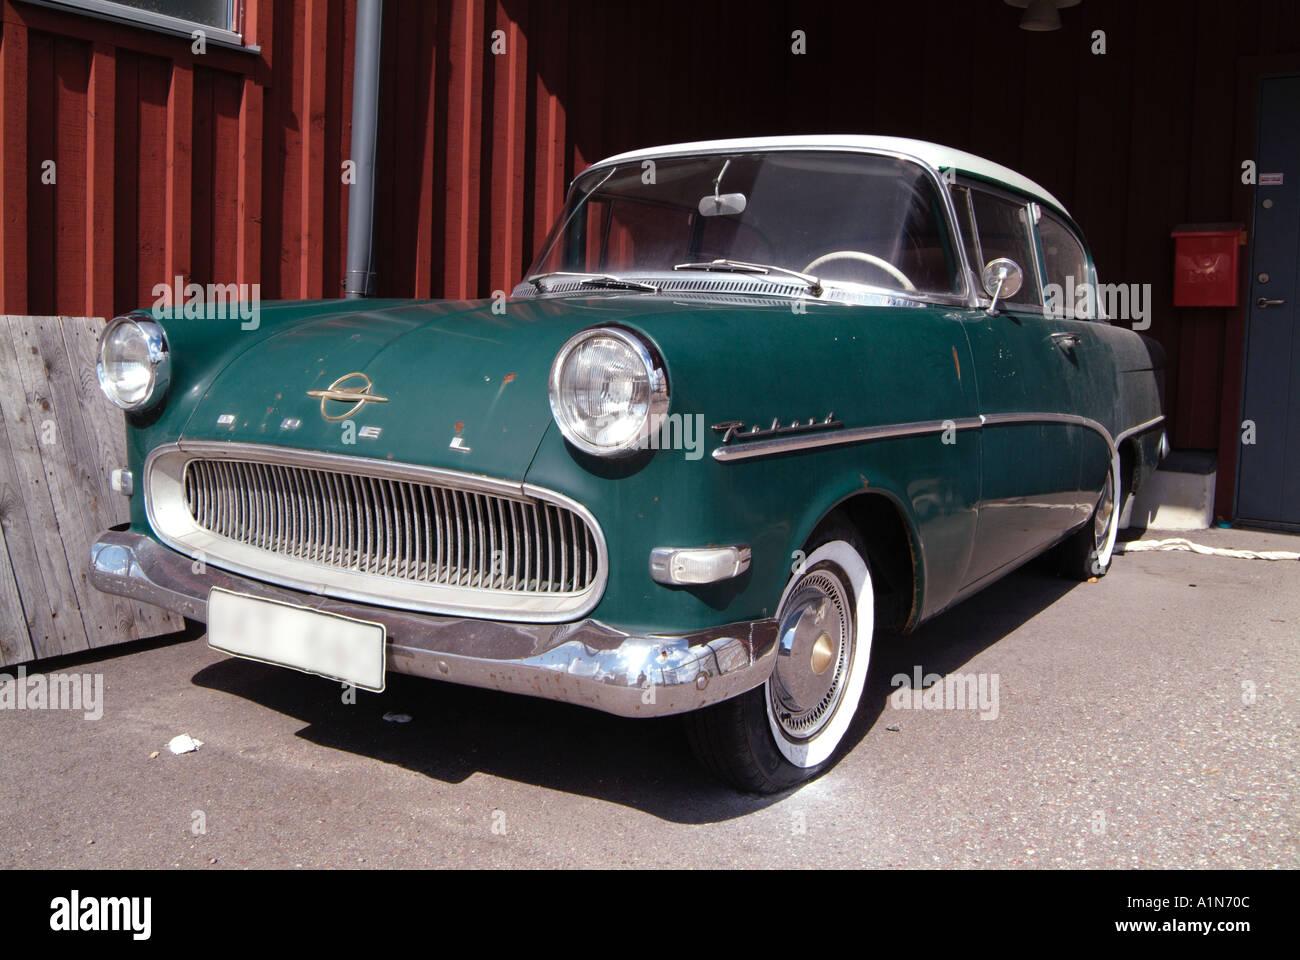 opel kapitan classic car old general motors petrol Stock Photo ...